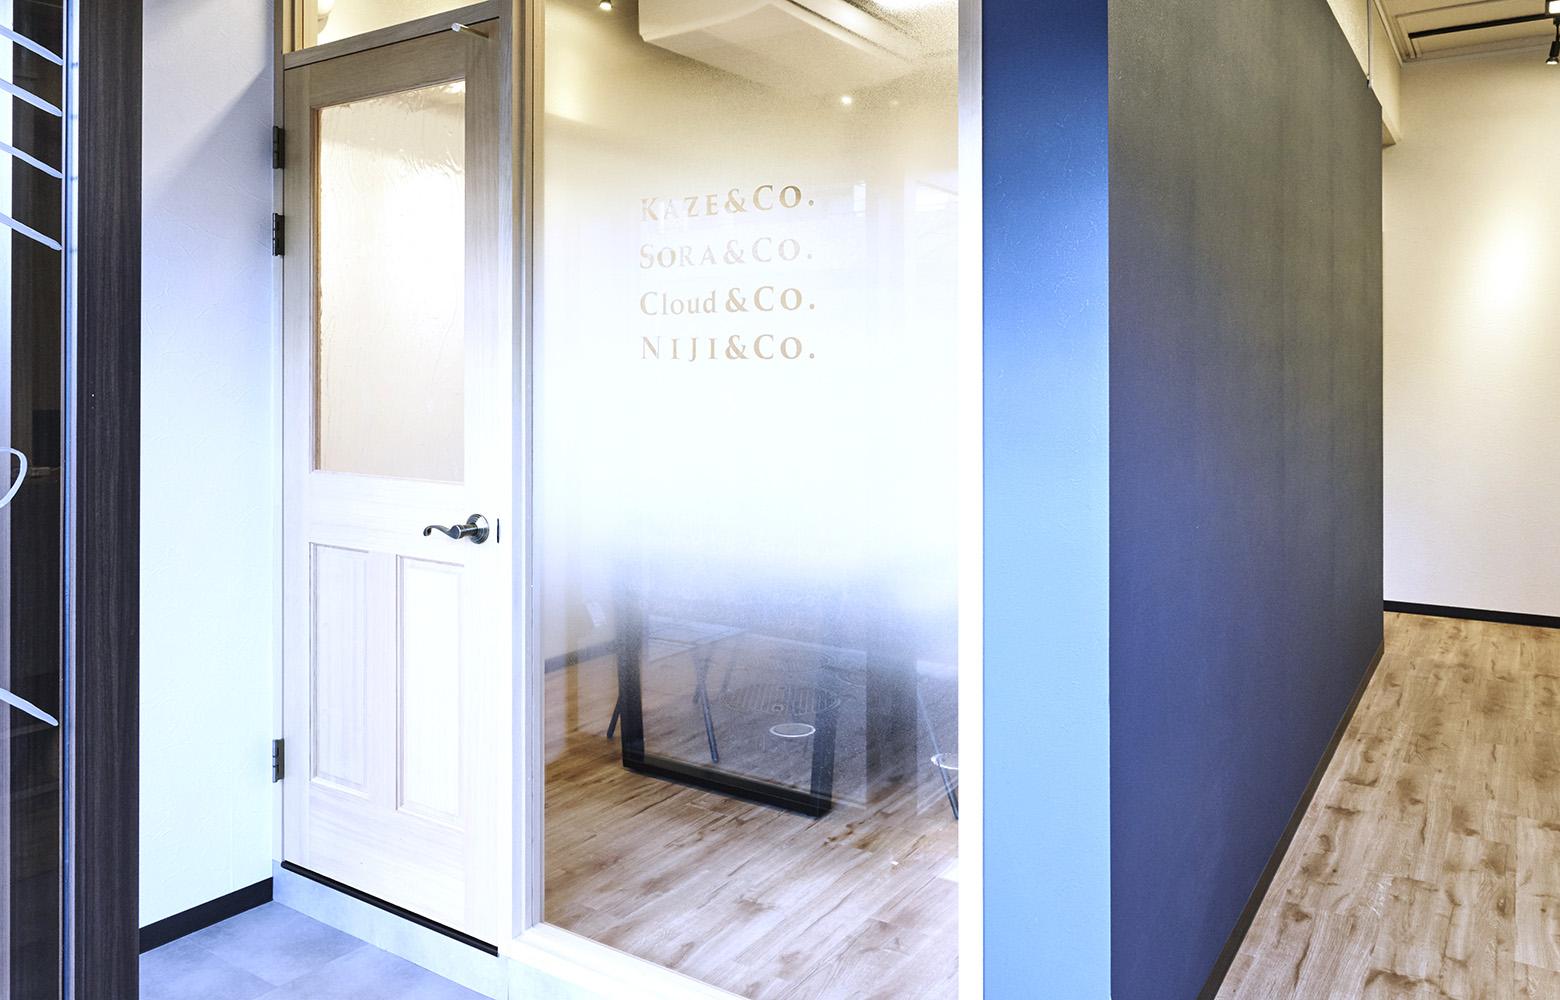 株式会社KAZE&Co. Meeting Room_2 デザイン・レイアウト事例